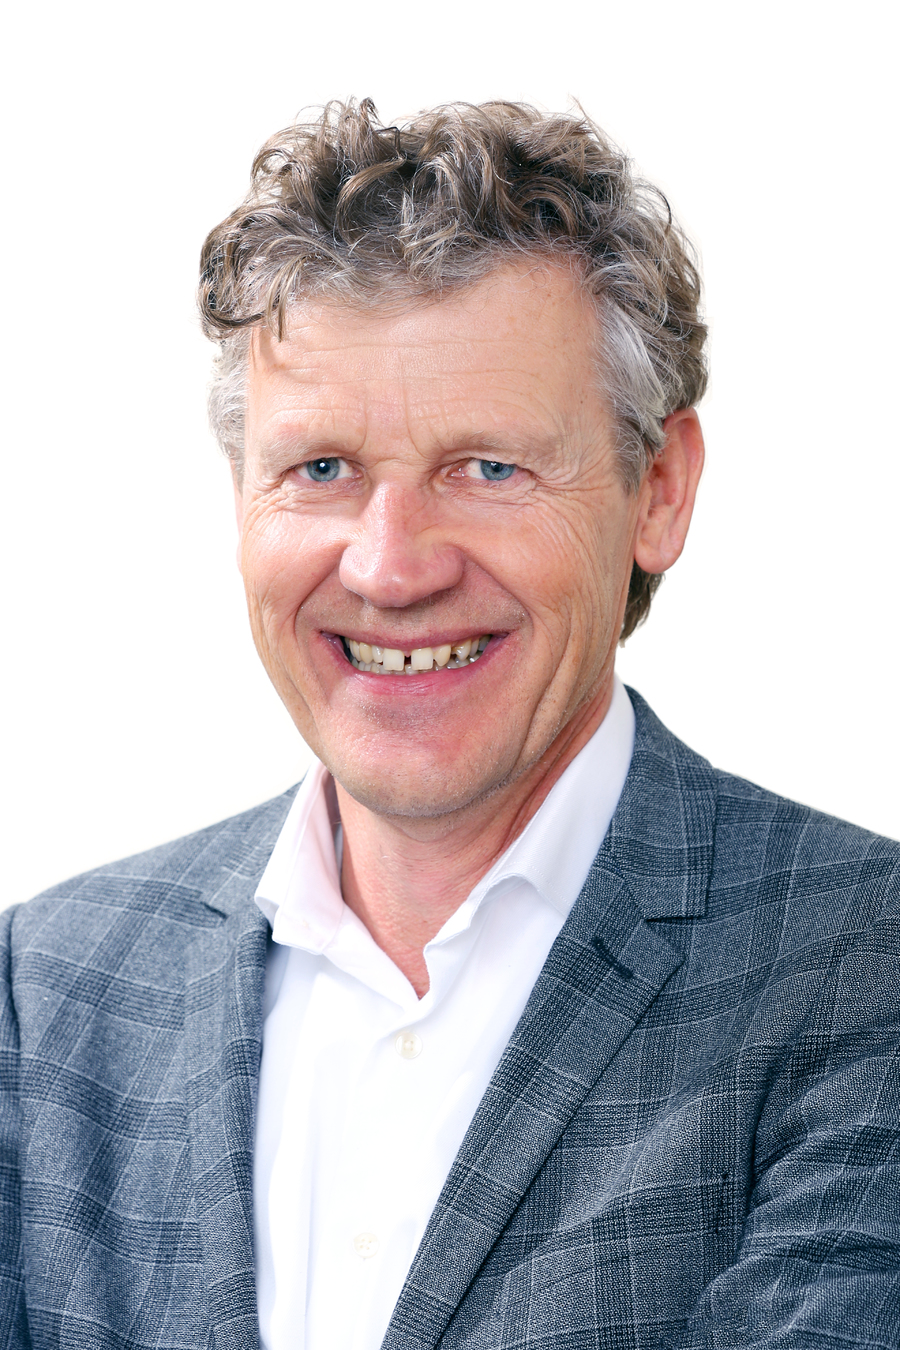 Wiet de Brujin, CEO da VBK Publishers, aponta crescimento de 3,5% do mercado holandês de livros | © Divulgação